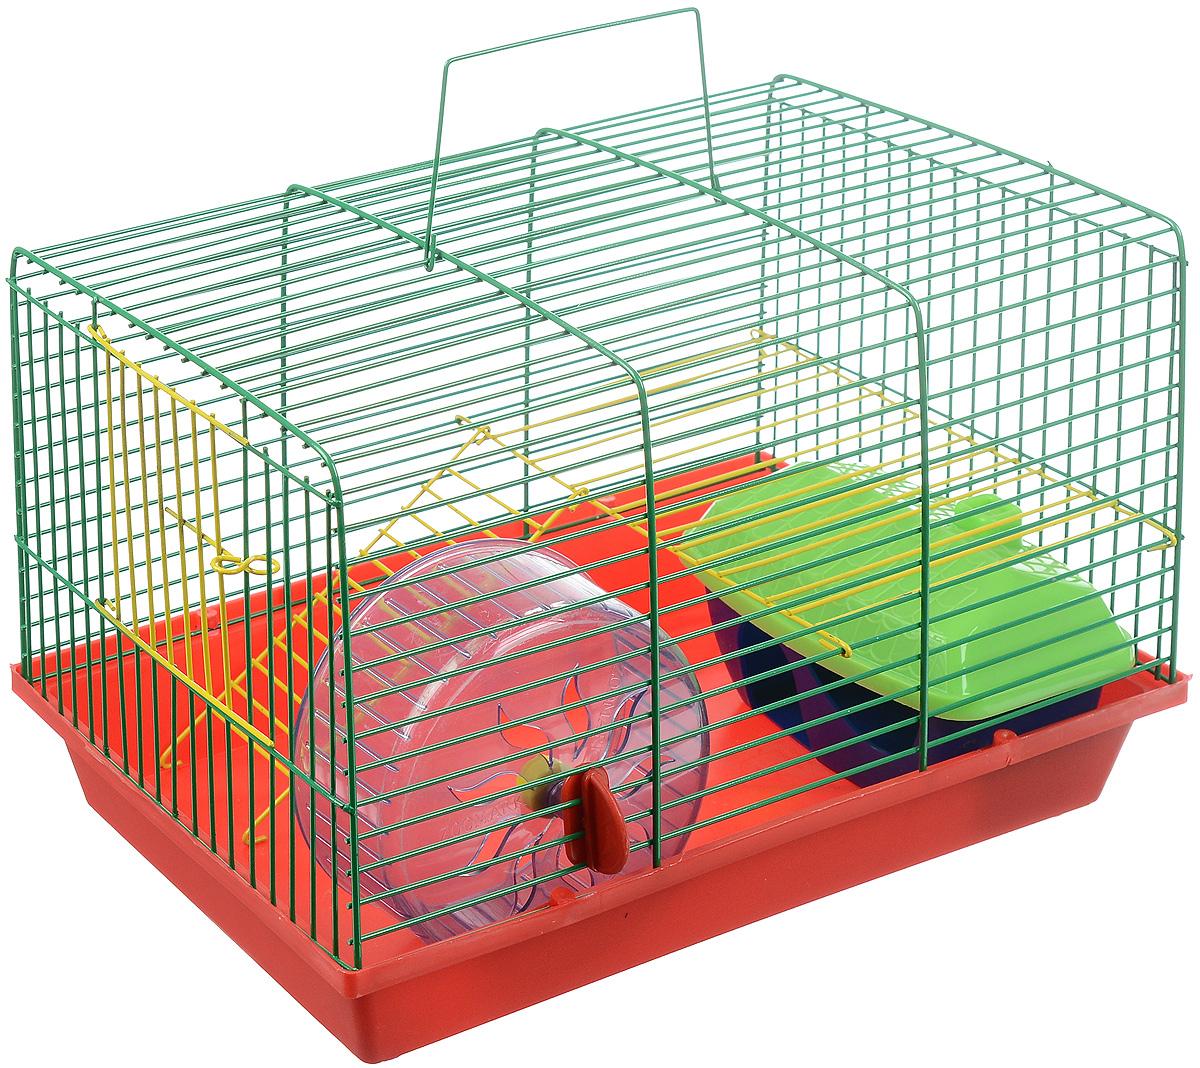 Клетка для грызунов ЗооМарк, 2-этажная, цвет: красный поддон, зеленая решетка, желтый этаж, 36 х 22 х 24 см. 125ж125ж_красный, желтый, зеленыйКлетка ЗооМарк, выполненная из полипропилена и металла, подходит для мелких грызунов. Изделие двухэтажное, оборудовано колесом для подвижных игр и пластиковым домиком. Клетка имеет яркий поддон, удобна в использовании и легко чистится. Сверху имеется ручка для переноски. Такая клетка станет уединенным личным пространством и уютным домиком для маленького грызуна.